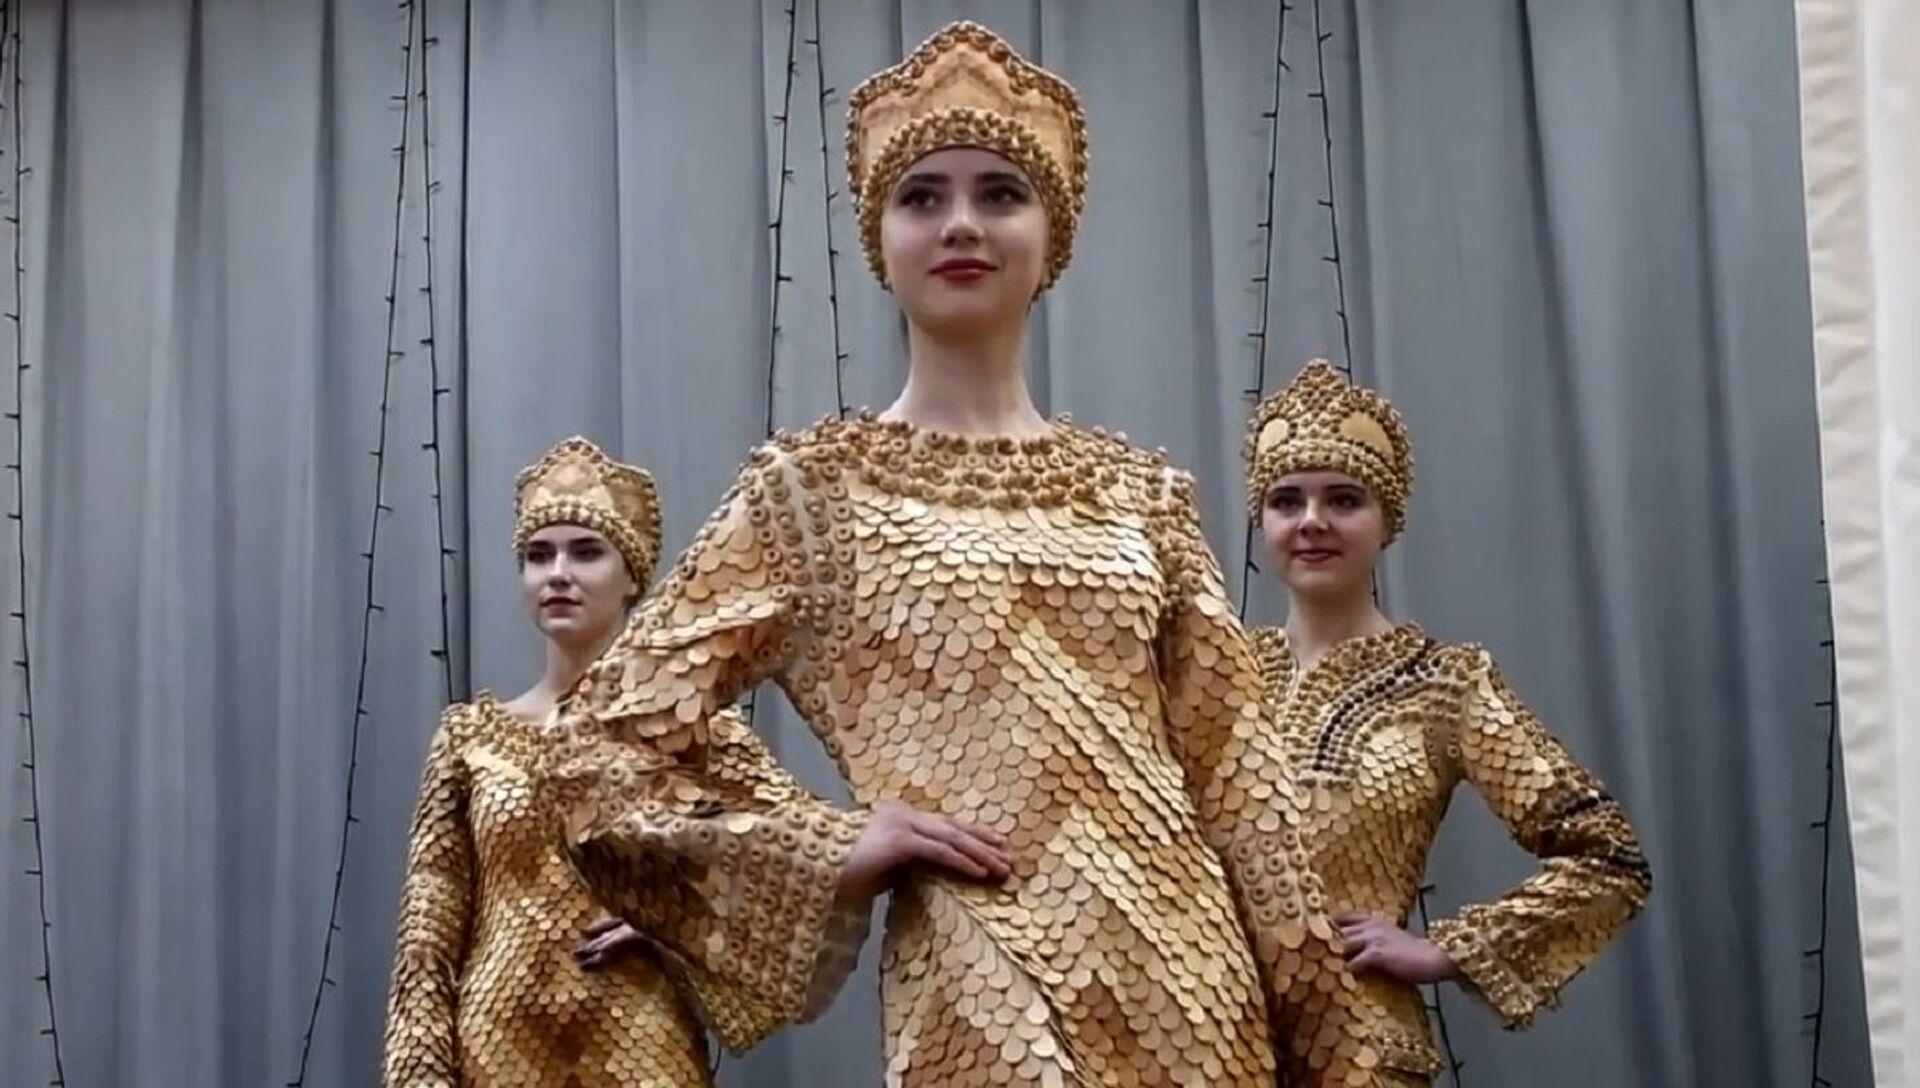 Sibirya'da sedir çamından kıyafetler yapıyorlar - Sputnik Türkiye, 1920, 05.02.2021